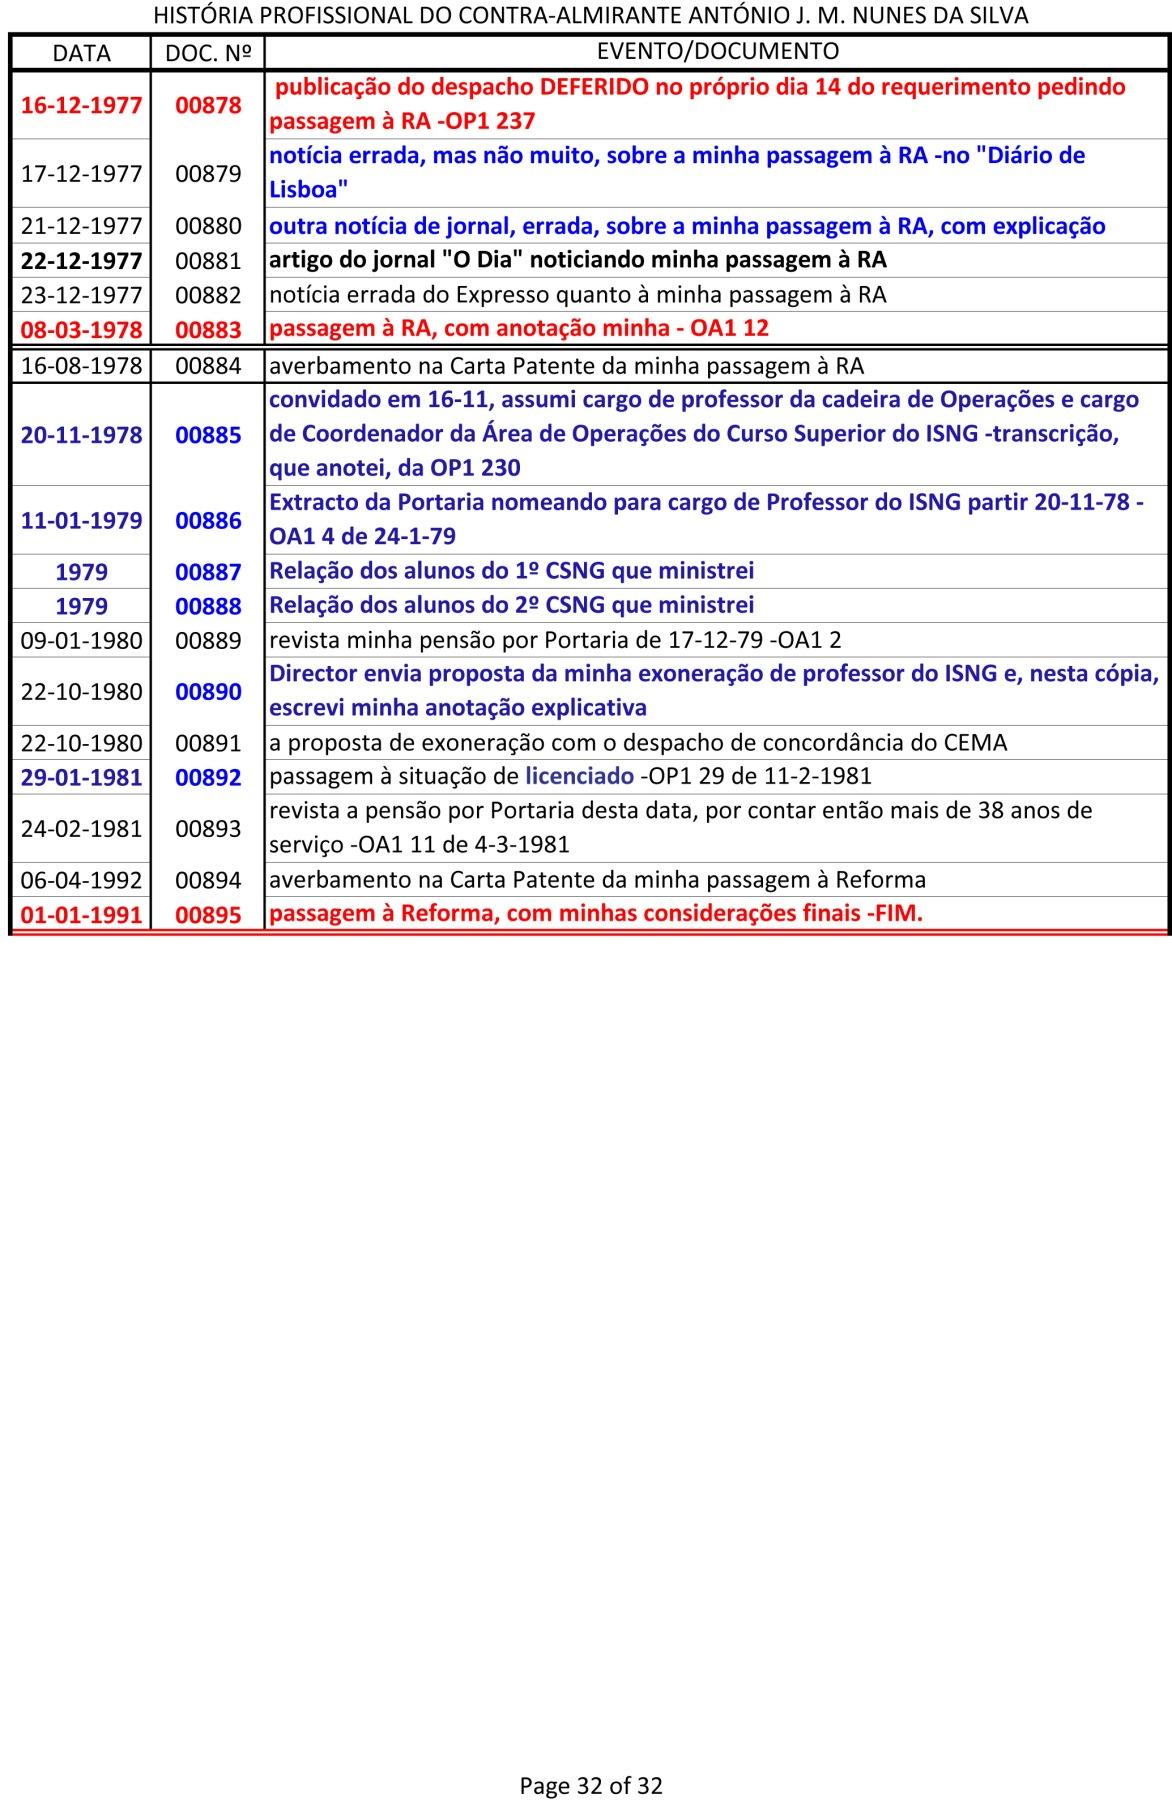 Índice dos documentos da História Profissional do CAlm Nunes da Silva -1943 a 1991-32